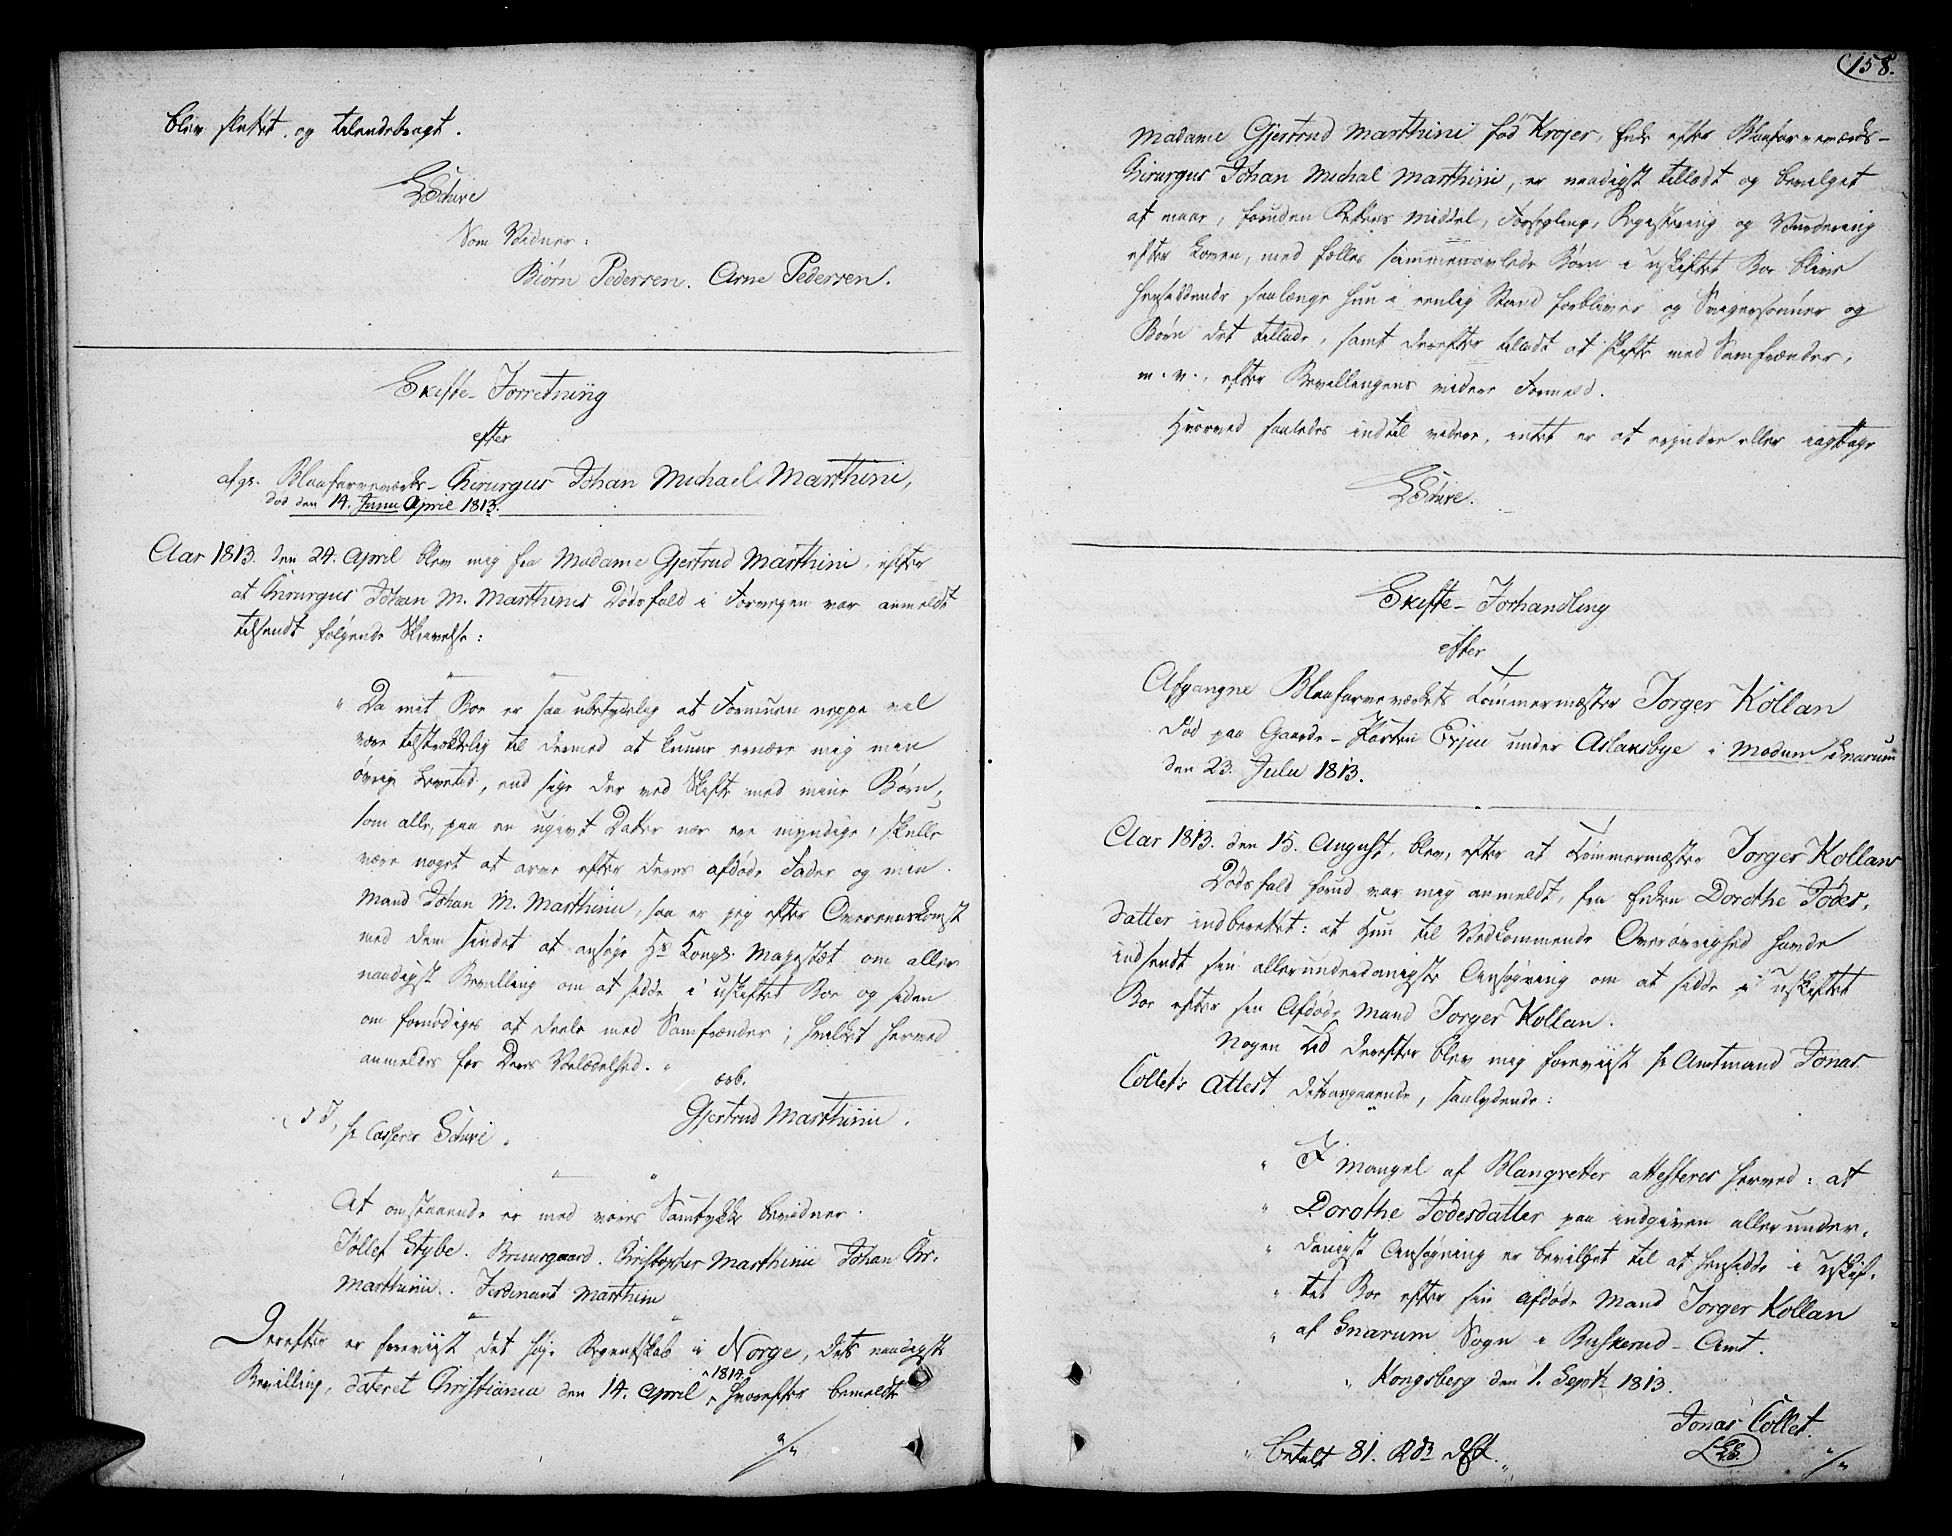 SAKO, Eiker, Modum og Sigdal sorenskriveri, H/Hb/Hba/L0017: Skifteprotokoll, 1780-1824, s. 157b-158a